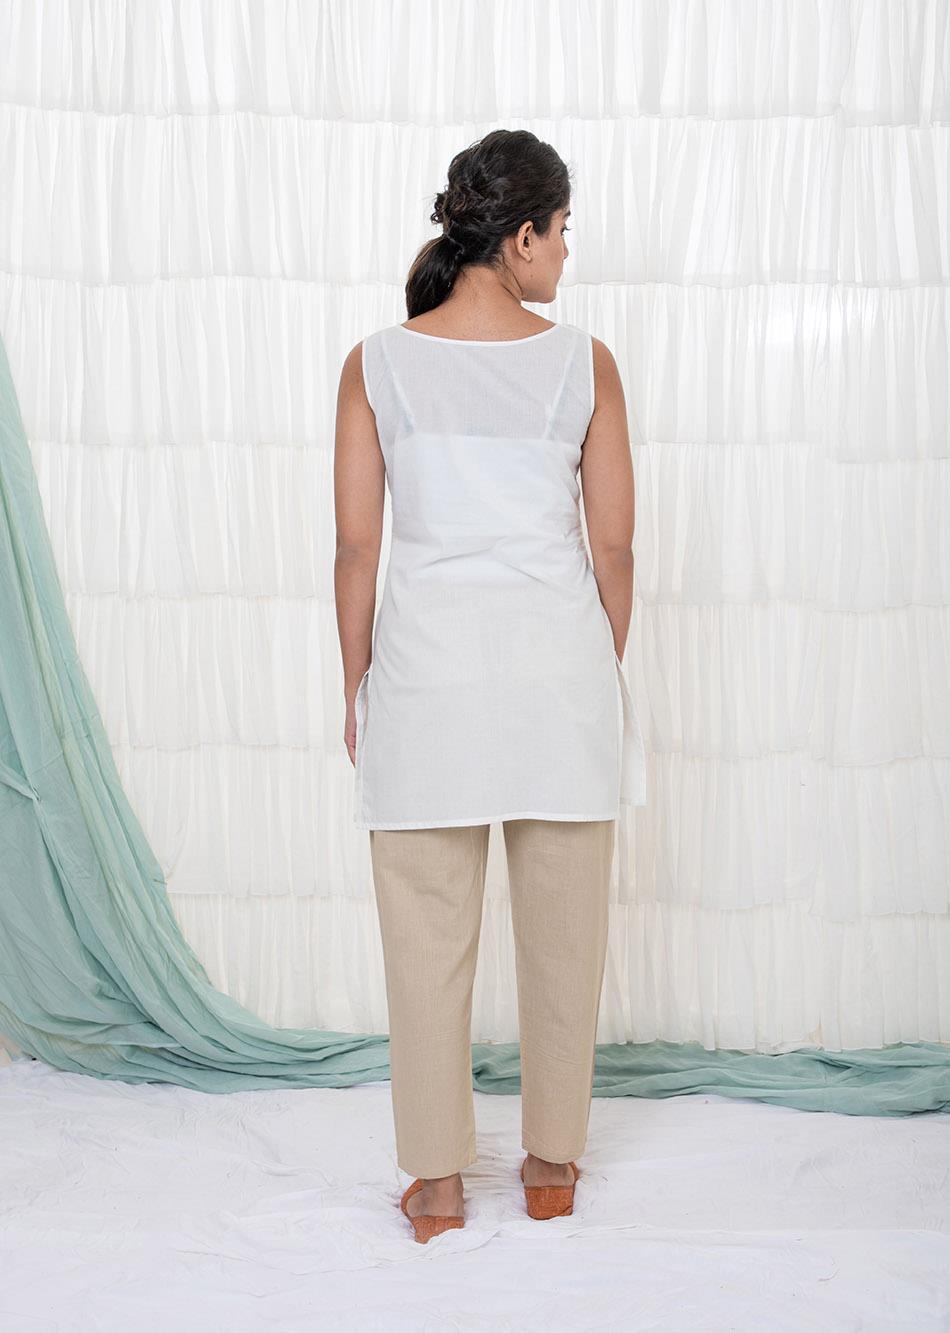 COTTON SLIP (V-NECK) By Jovi Fashion